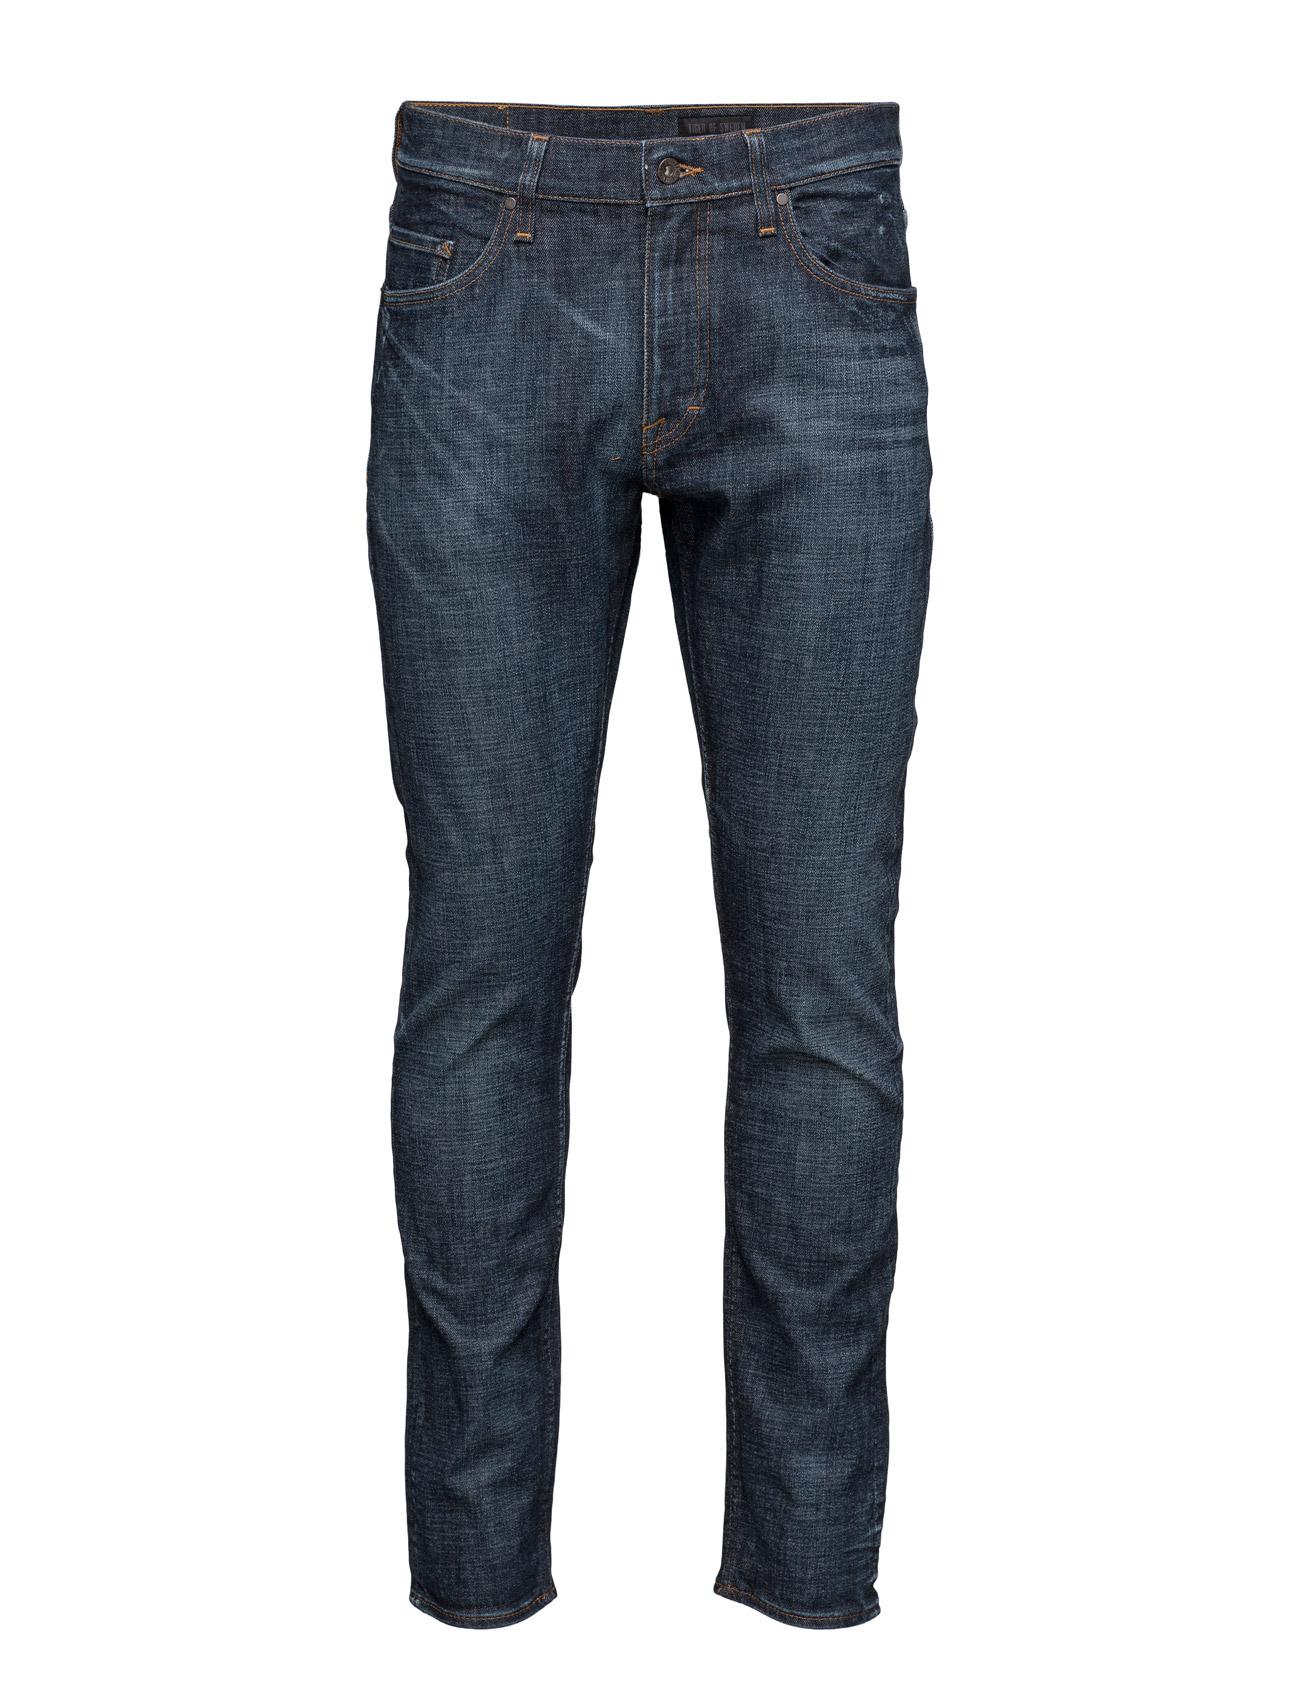 Pistolero Tiger of Sweden Jeans Almindelig til Mænd i